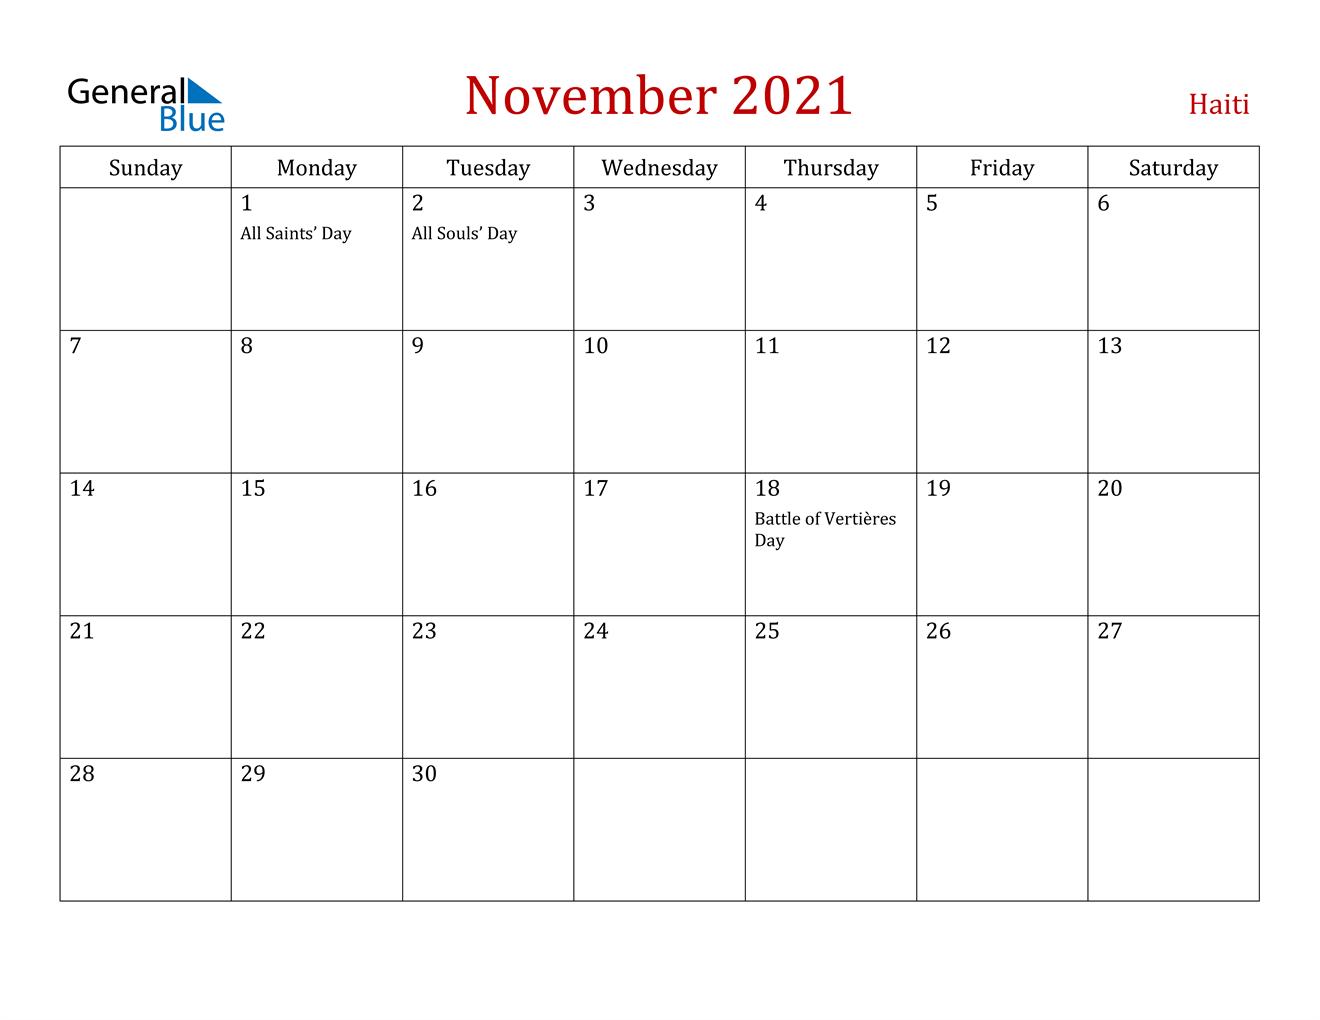 November 2021 Calendar - Haiti